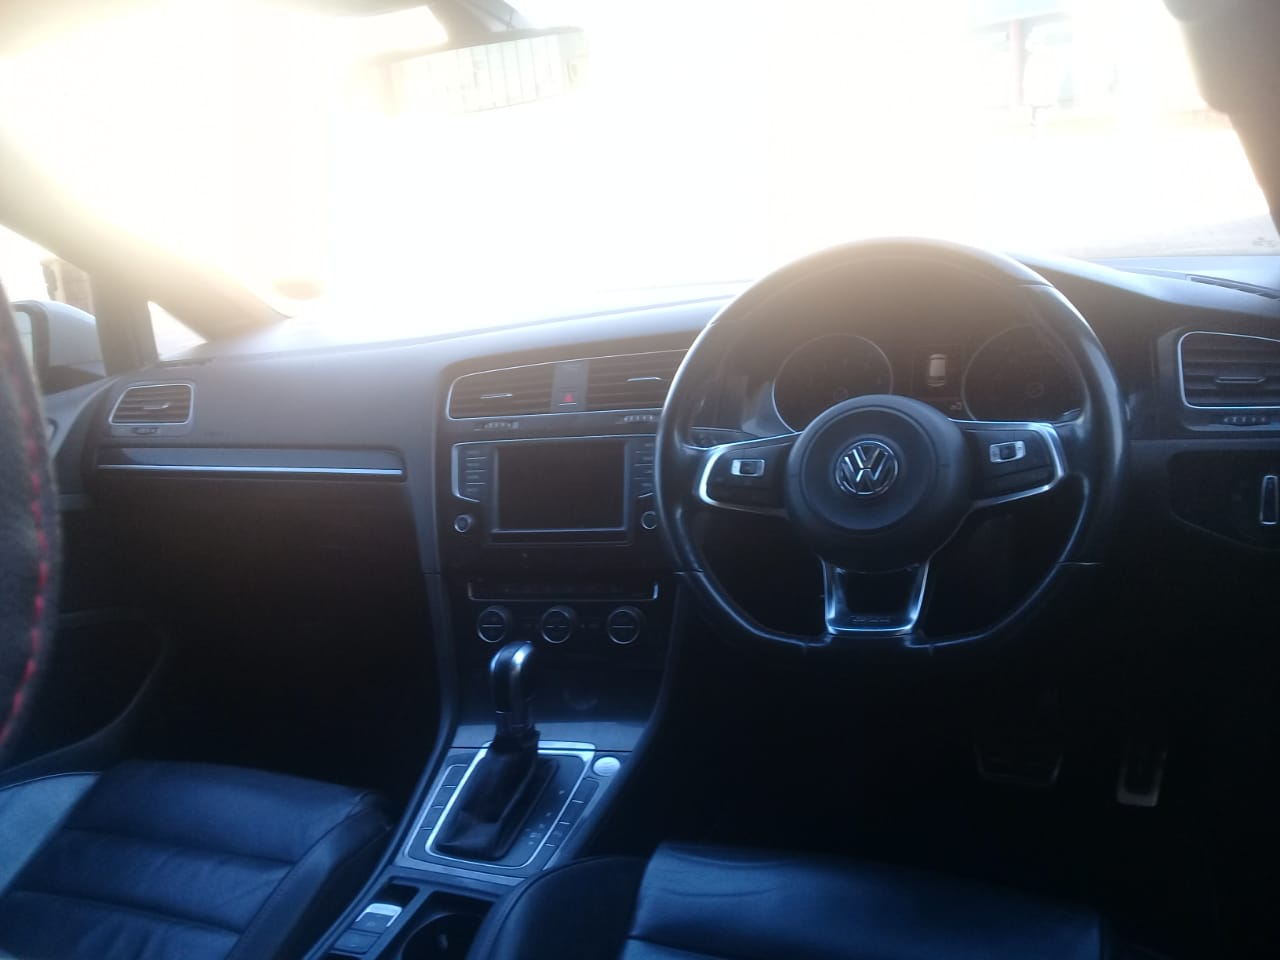 2016 VW Golf hatch GOLF VII GTD 2.0 TDI DSG